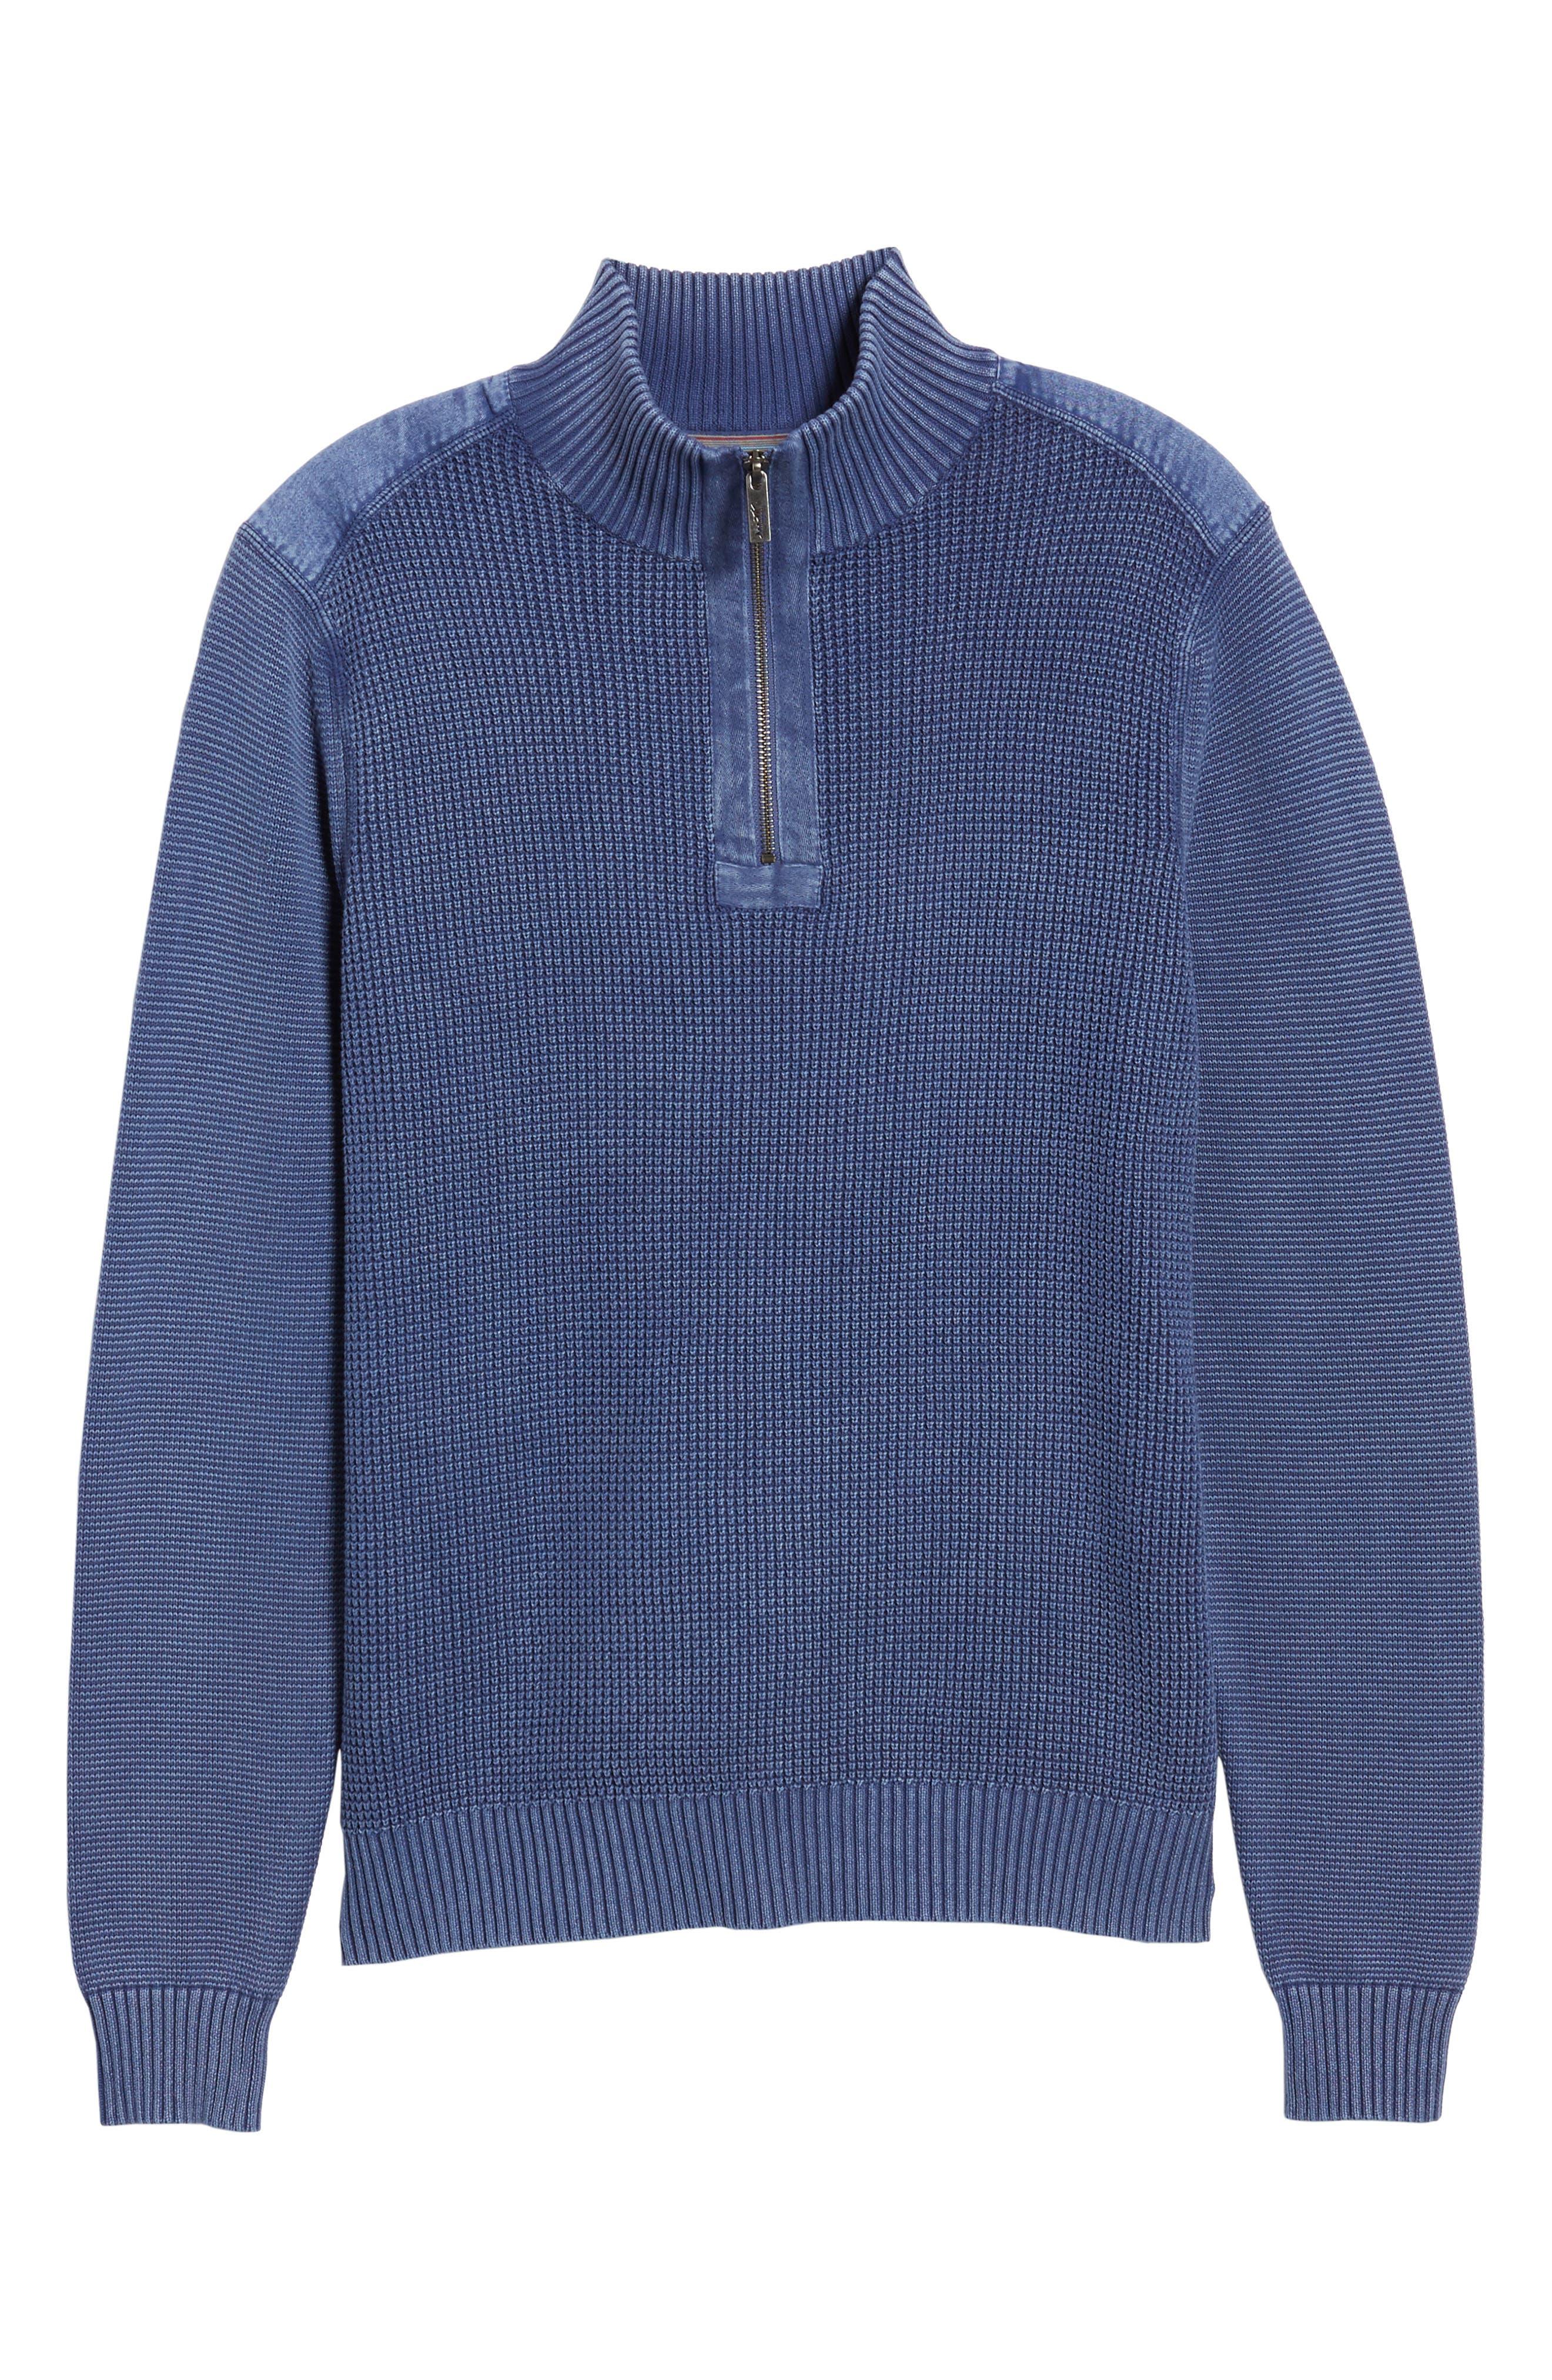 Coastal Shores Quarter Zip Sweater,                             Alternate thumbnail 7, color,                             Downpour